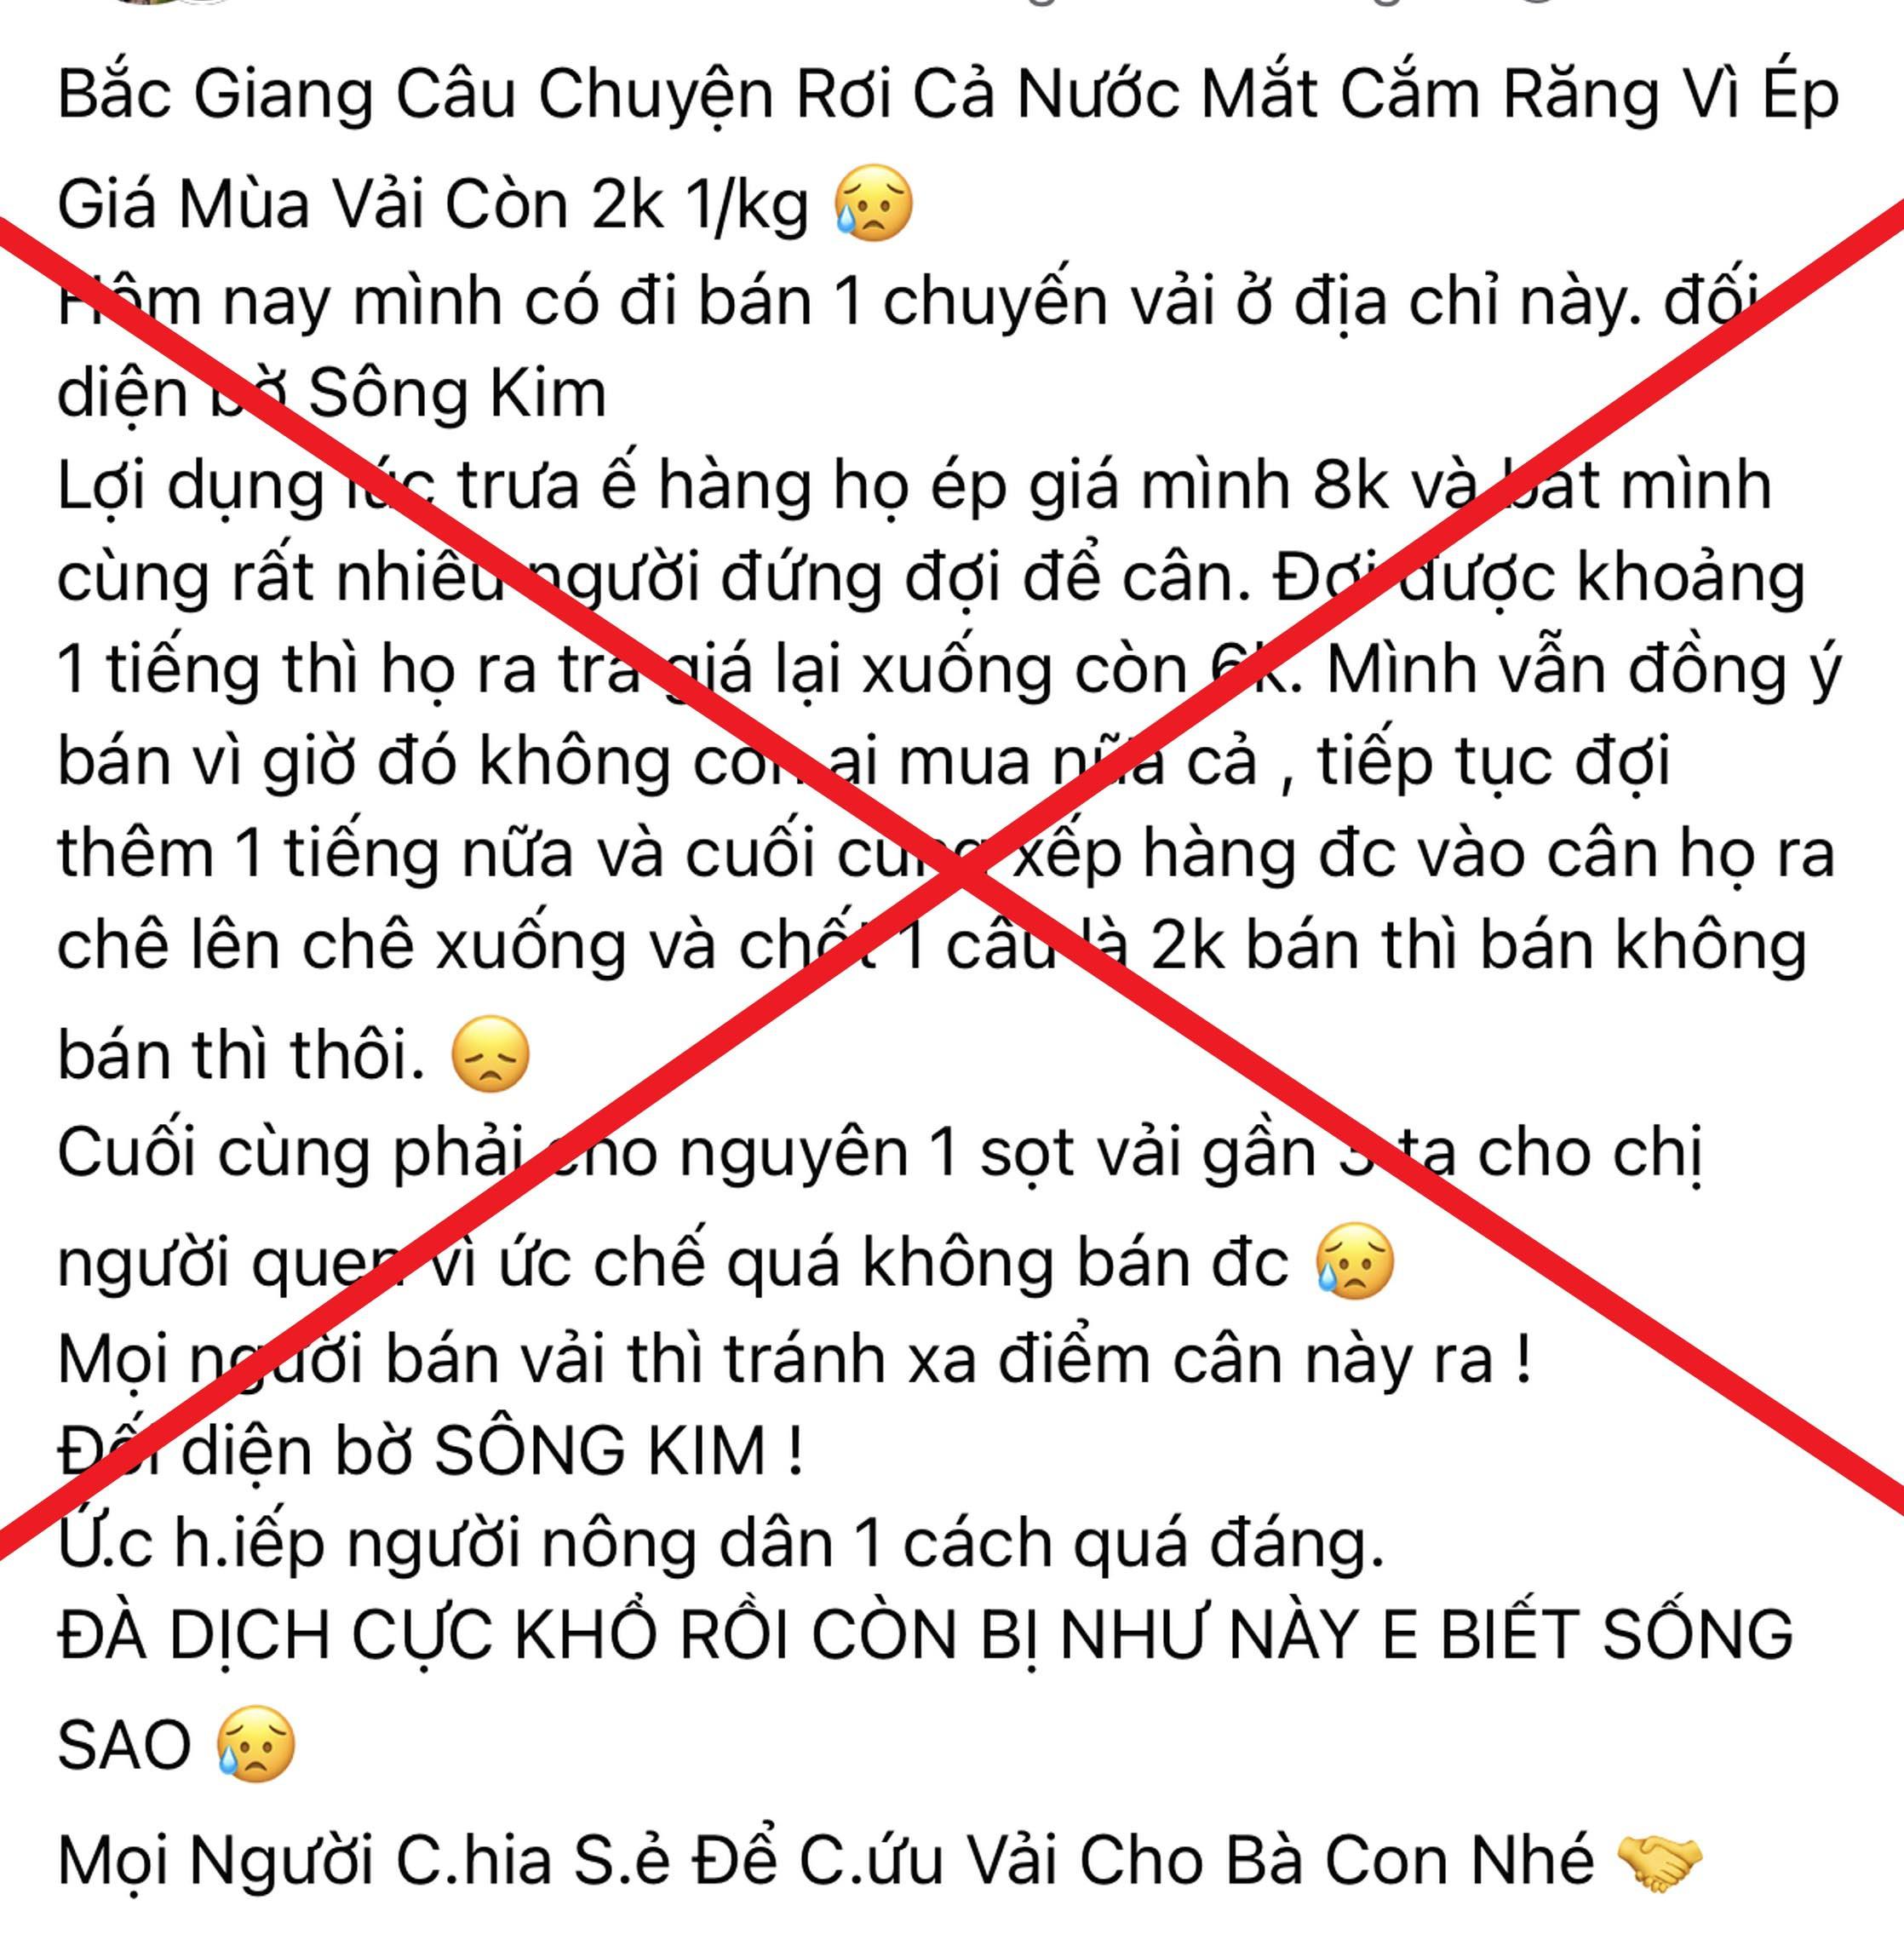 Bắc Giang: Vải thiều bị ép giá xuống 2.000 đồng/kg là không đúng sự thật - Ảnh 1.